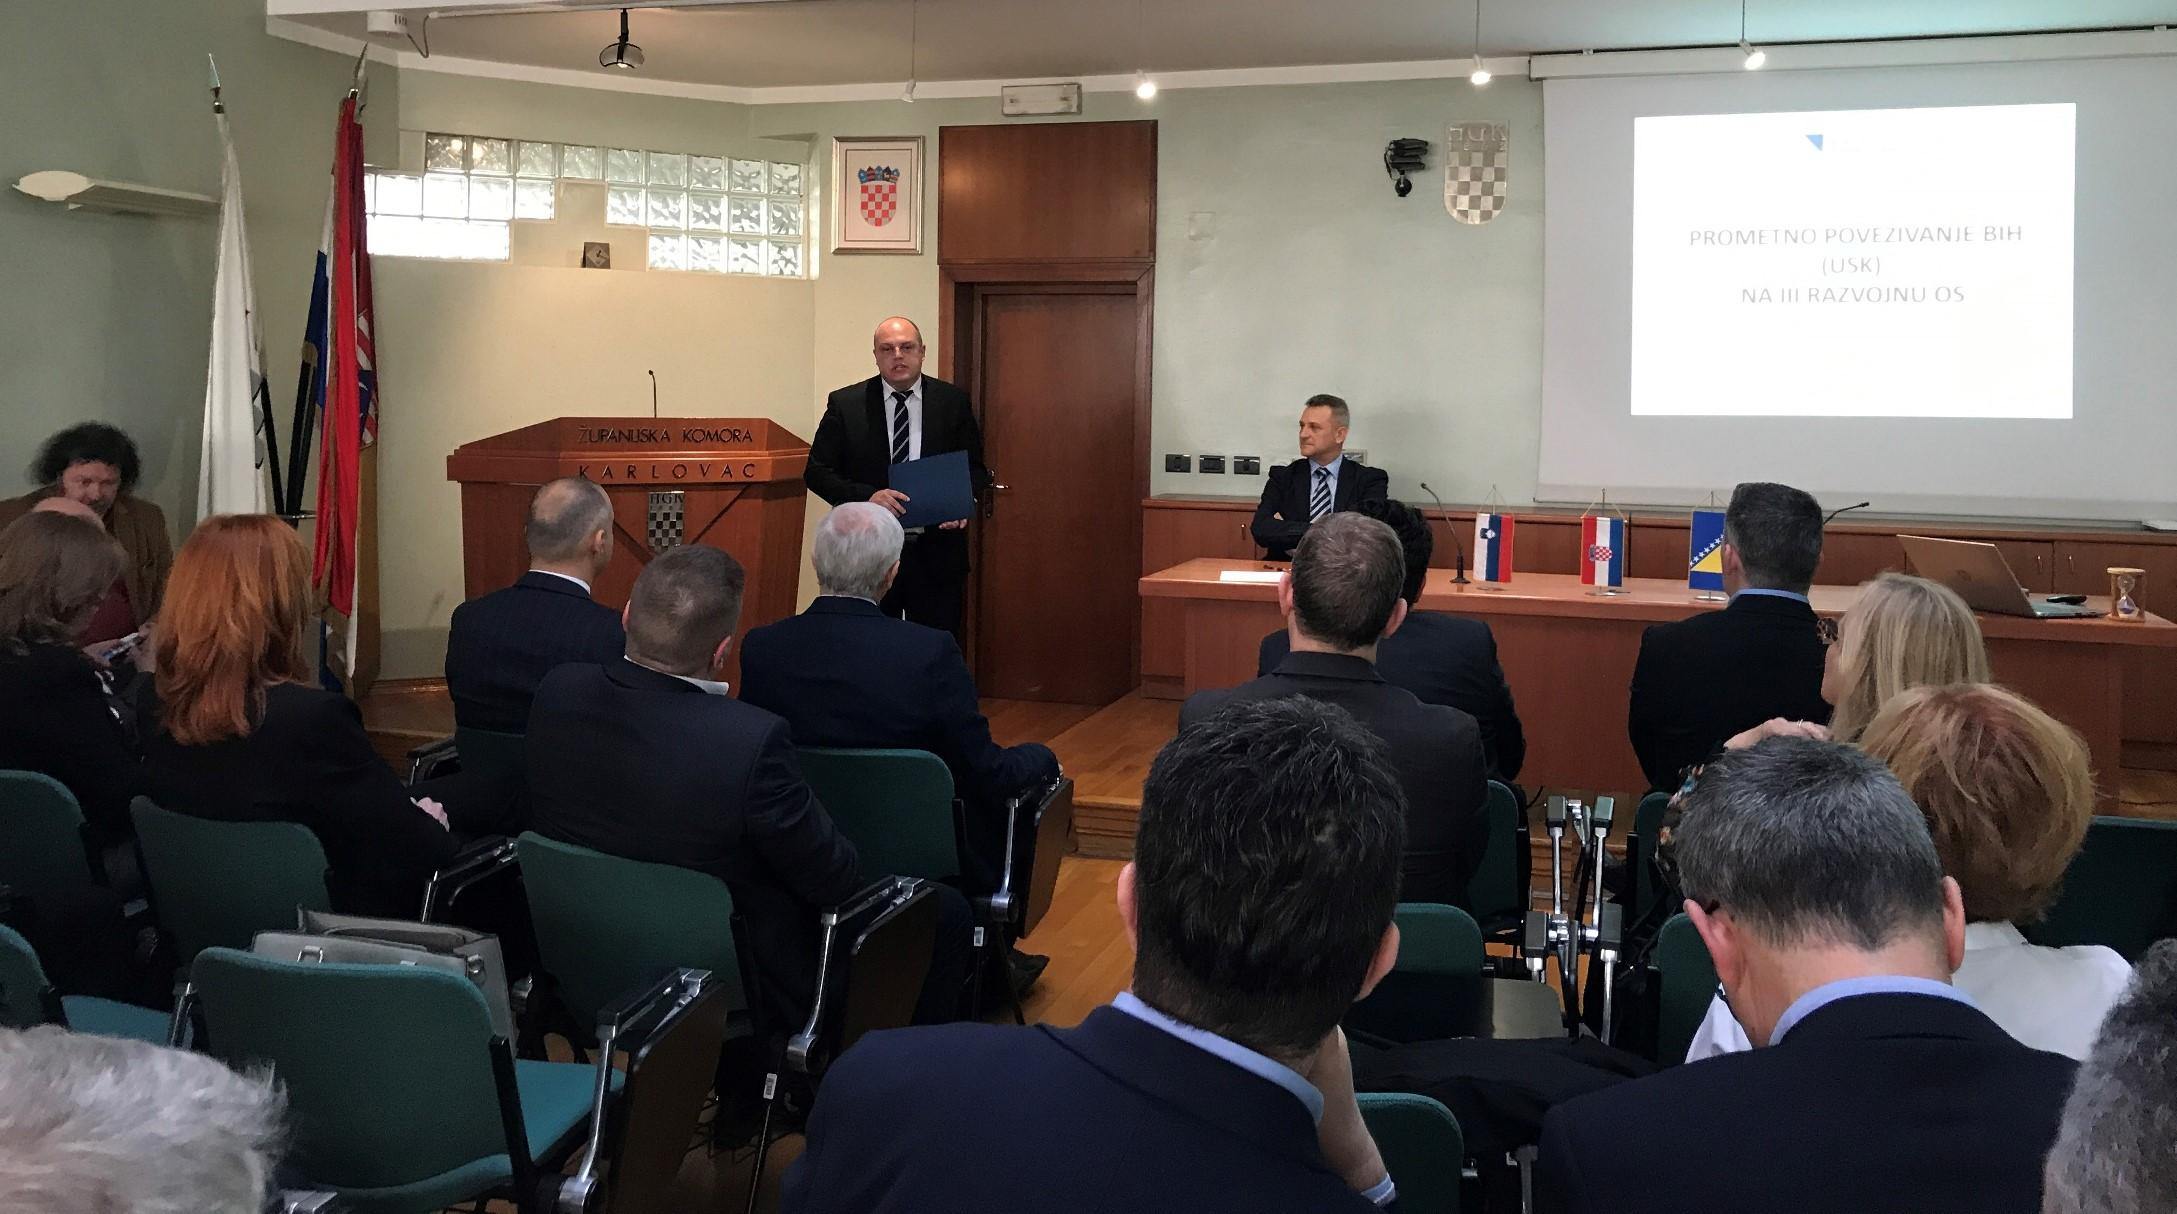 Održana 5. međunarodna konferencija na temu Razvoj cestovnog prometa na pravcu Novo mesto - Karlovac - Bihać